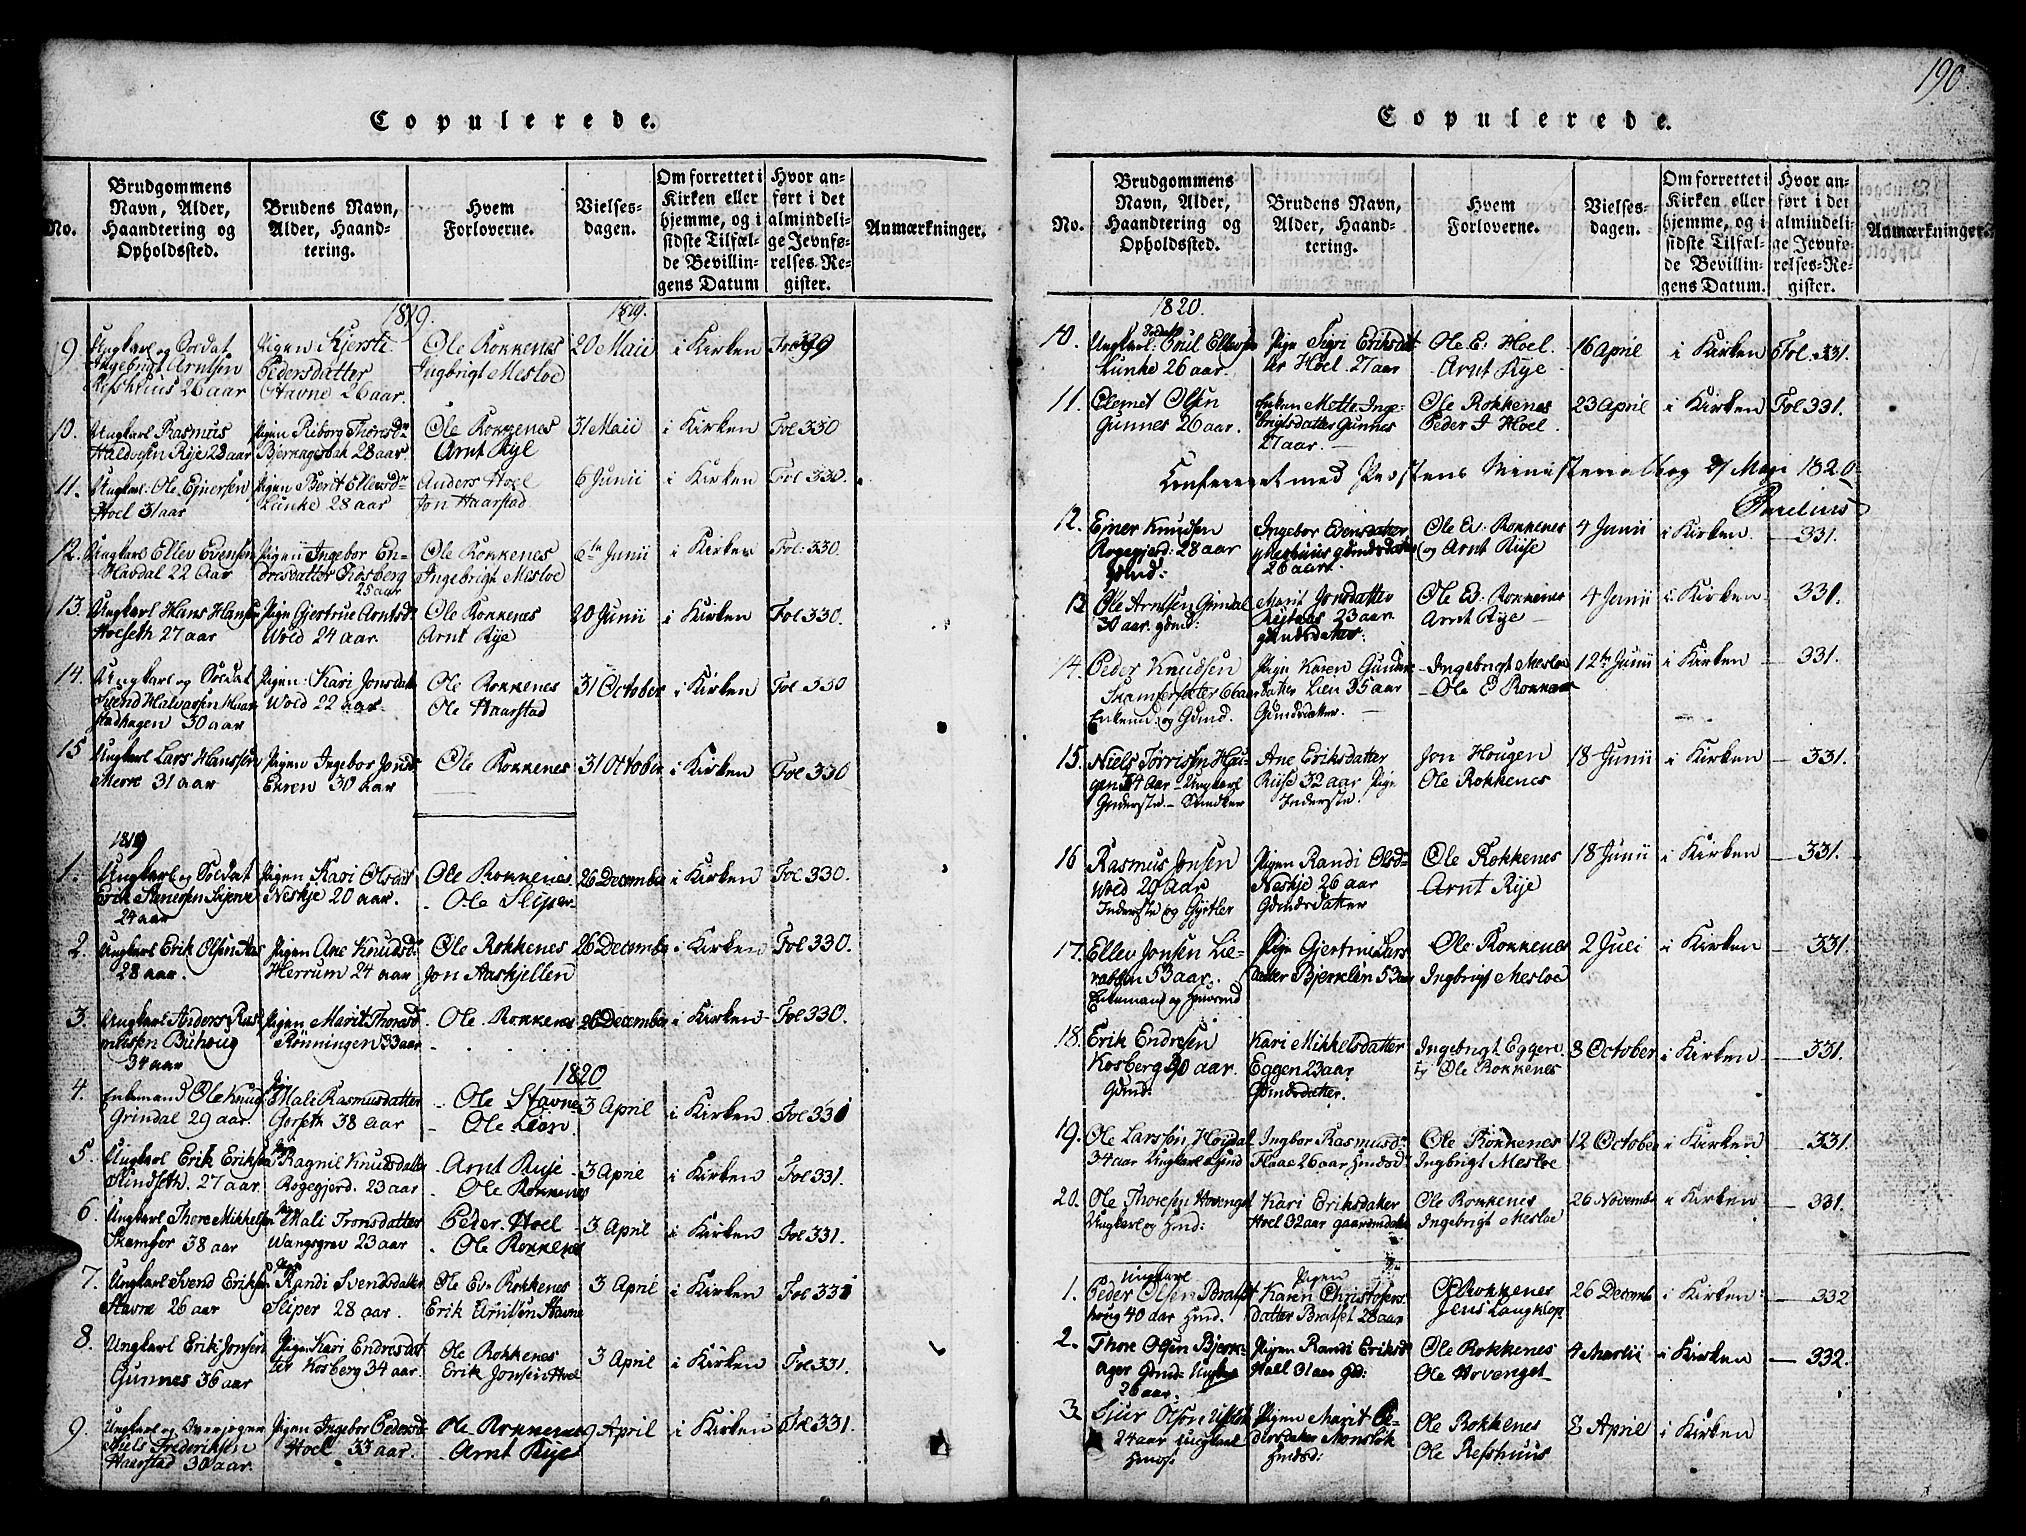 SAT, Ministerialprotokoller, klokkerbøker og fødselsregistre - Sør-Trøndelag, 674/L0874: Klokkerbok nr. 674C01, 1816-1860, s. 190